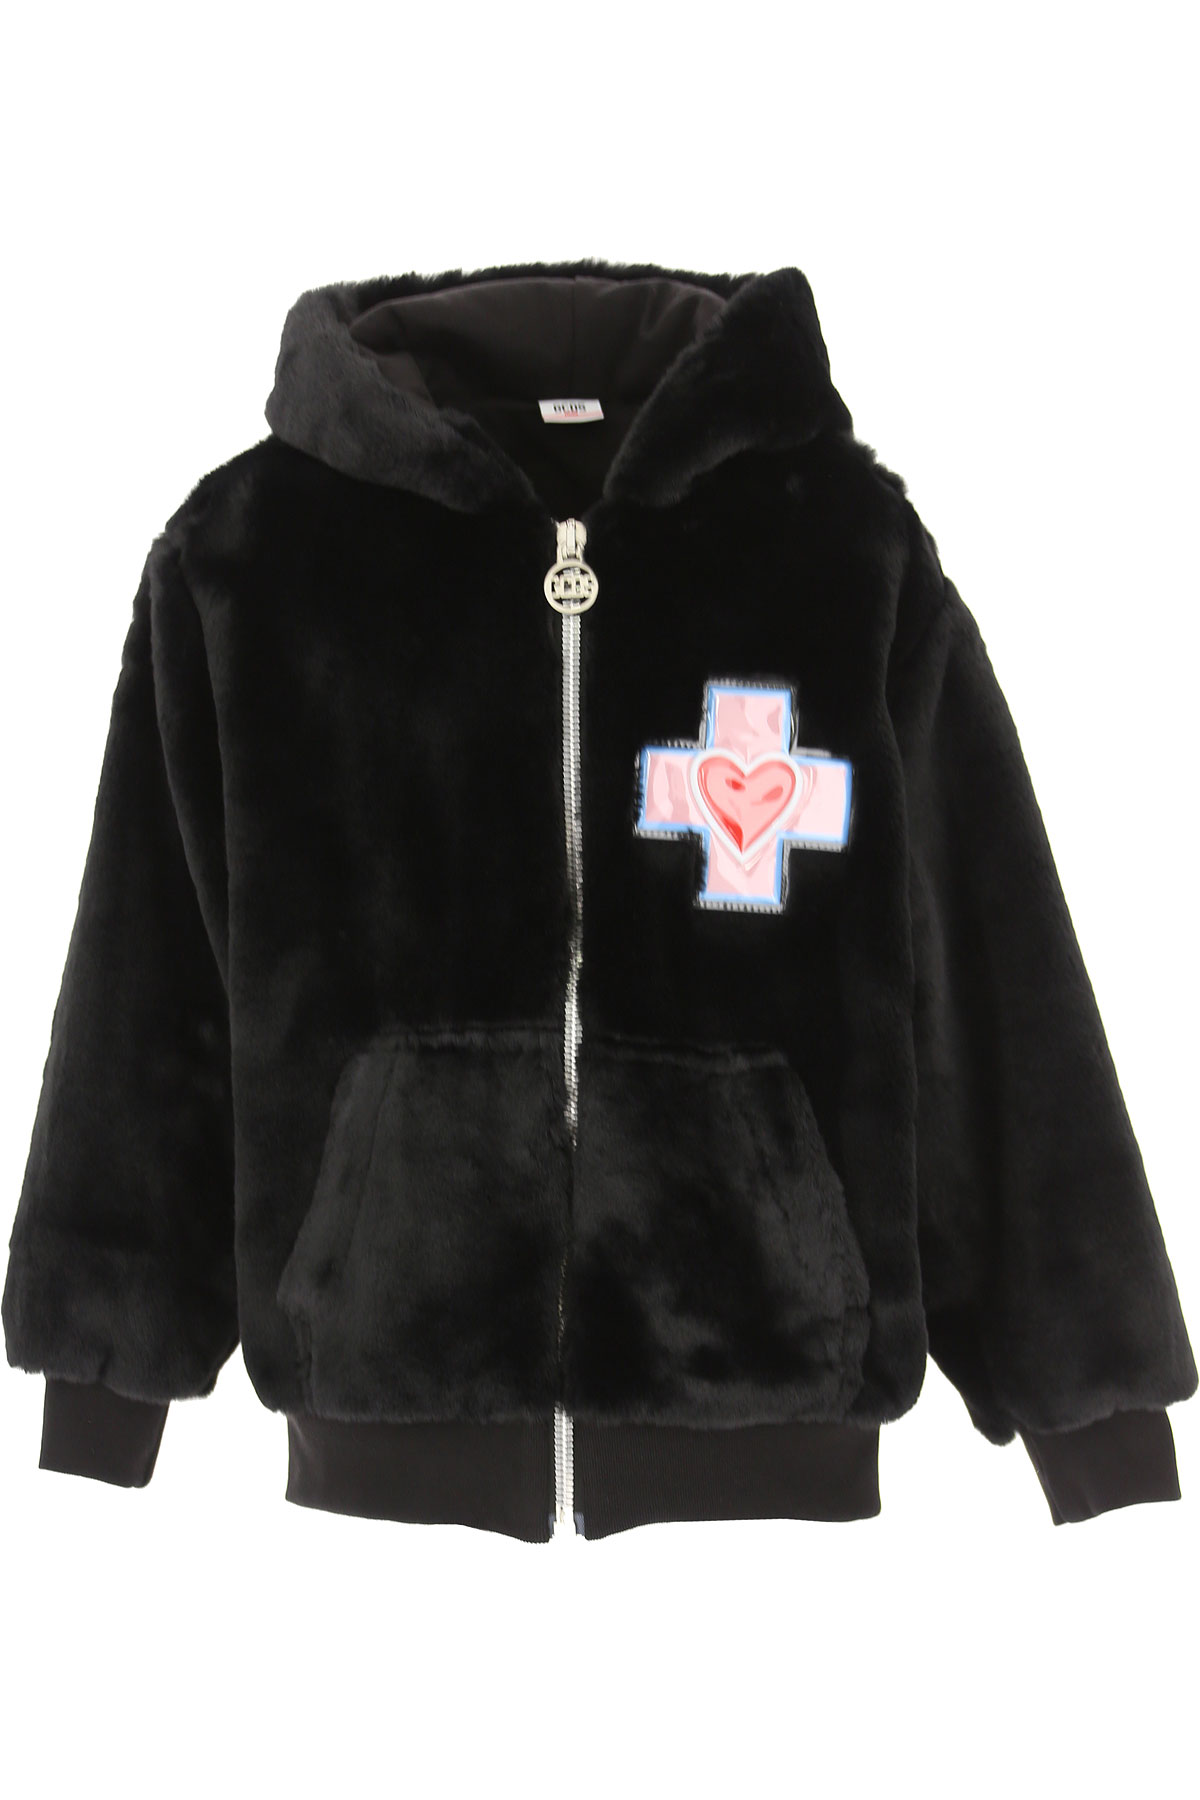 GCDS Girls Down Jacket for Kids, Puffer Ski Jacket On Sale, Black, polyester, 2019, 10Y 12Y 14Y 8Y